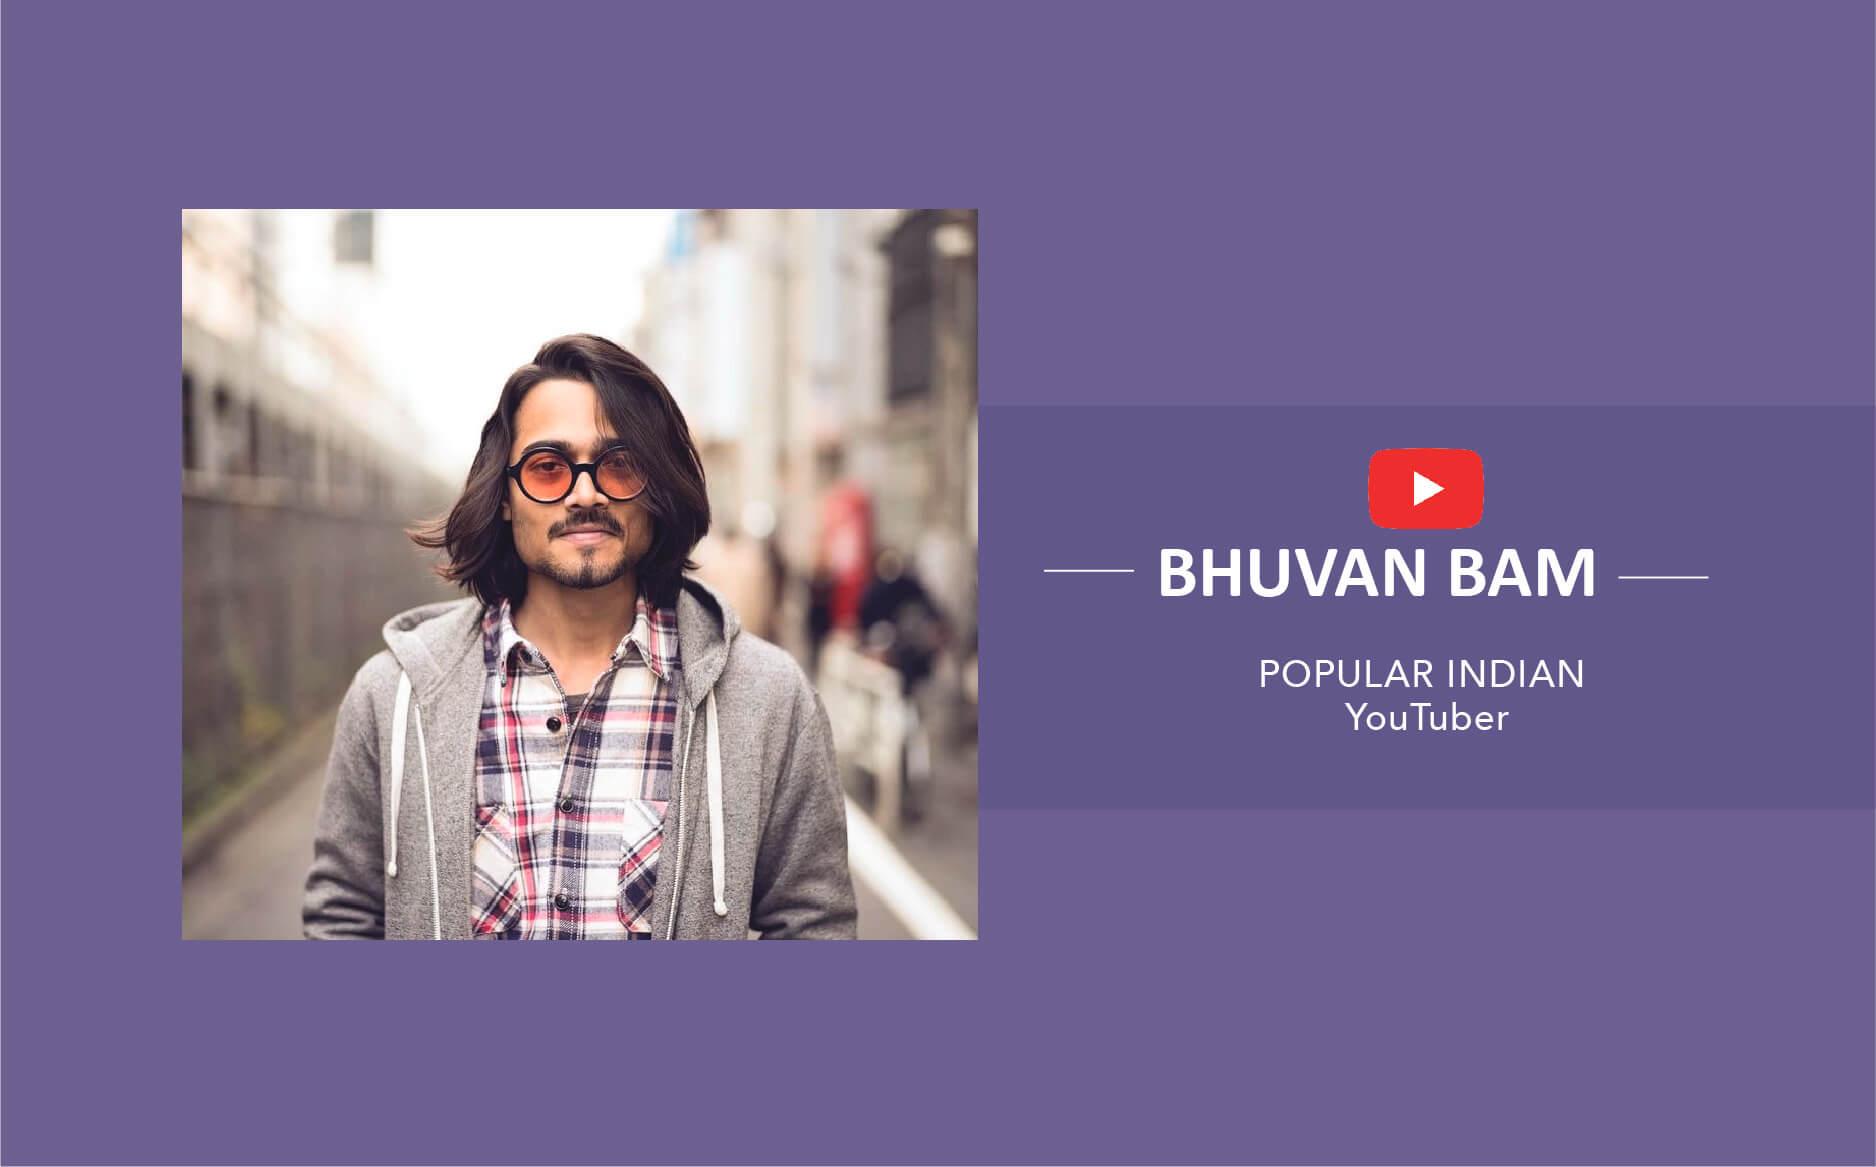 Youtuber Bhuvan Bam